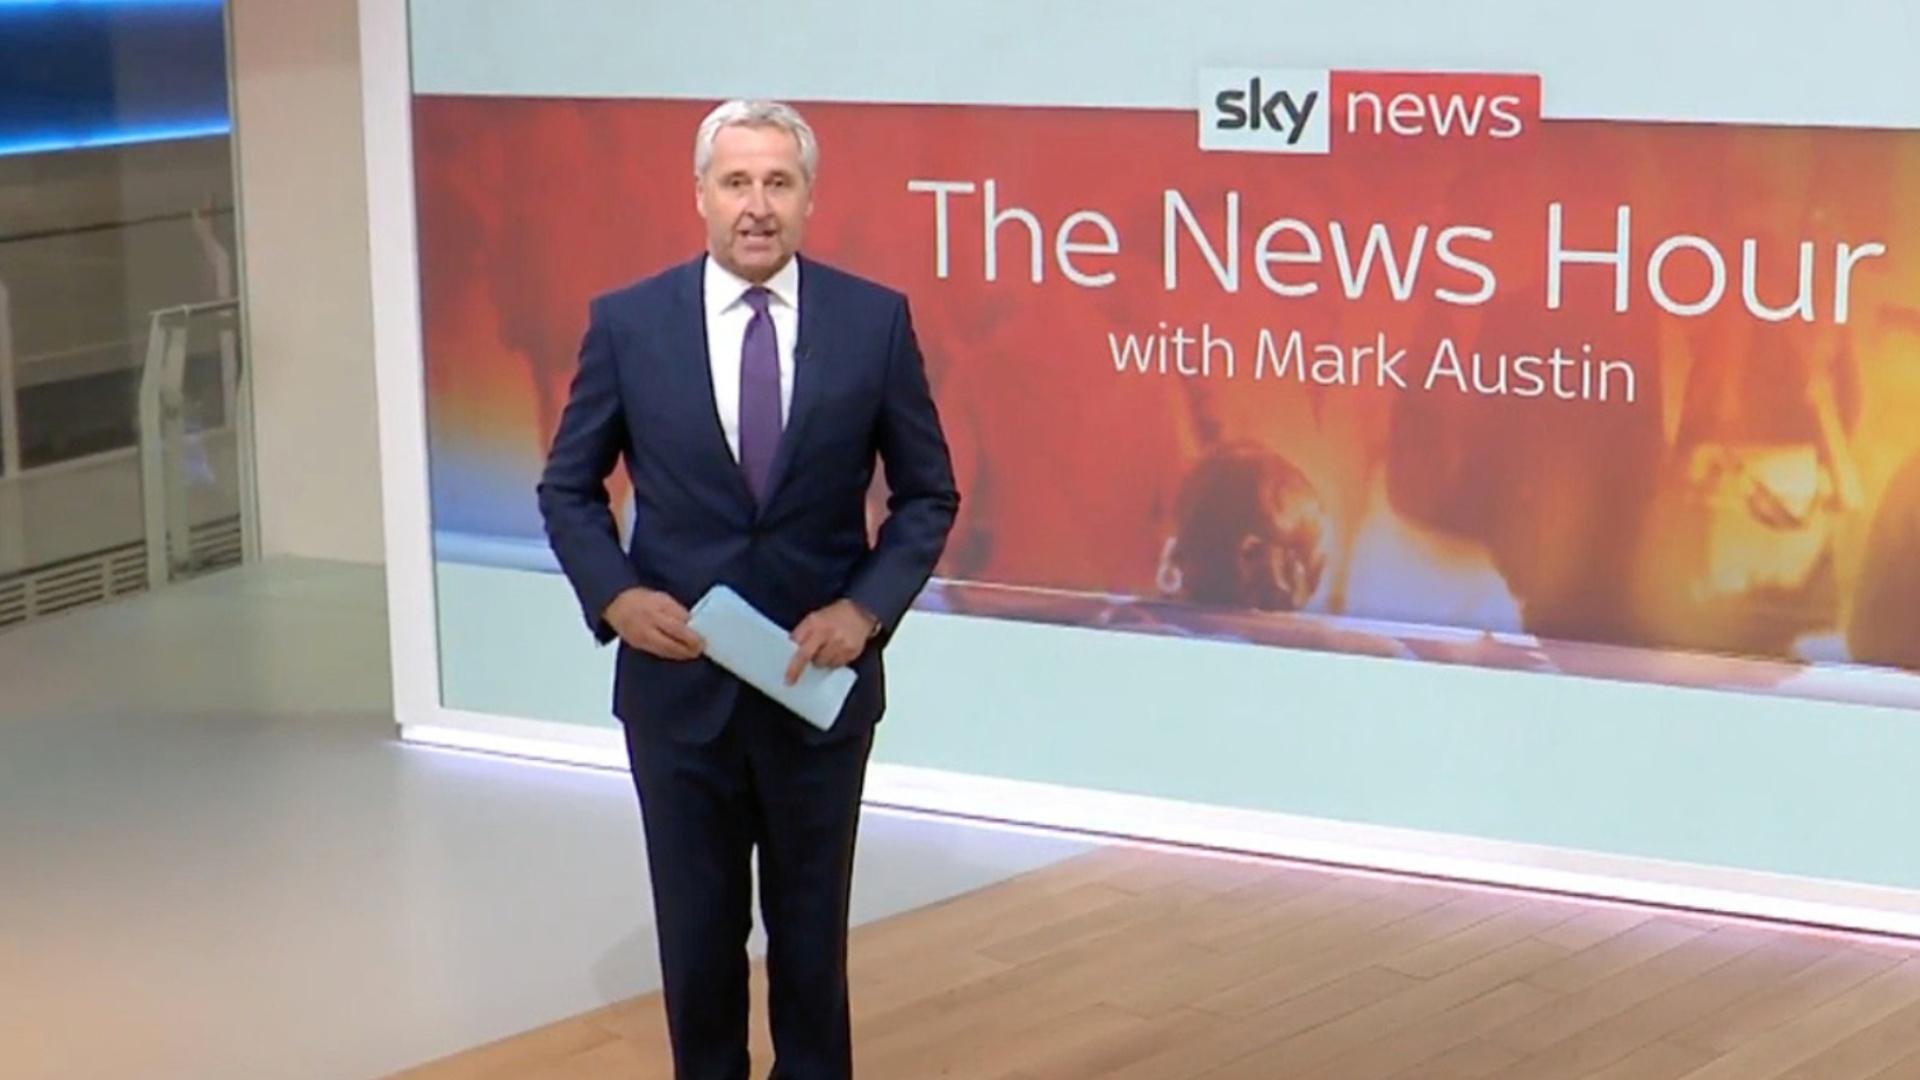 Sky News The News Hour with Mark Austin